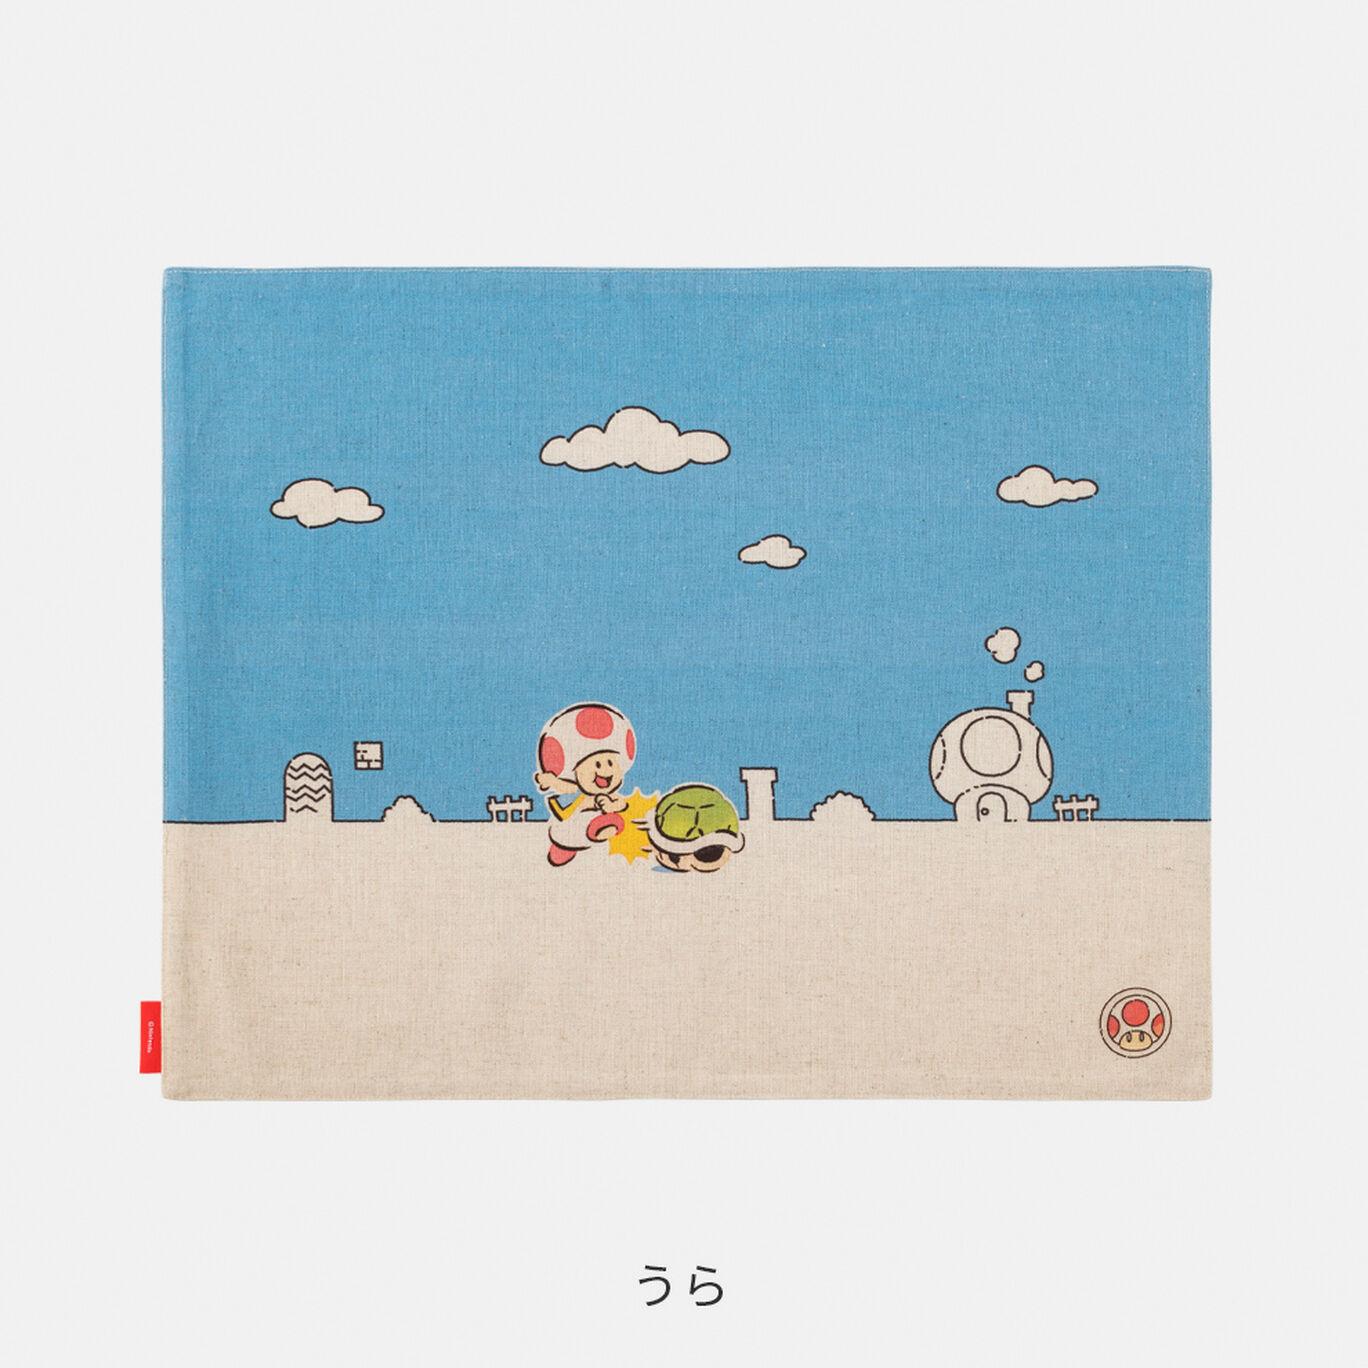 ランチョンマット スーパーマリオファミリーライフ キノピオ【Nintendo TOKYO取り扱い商品】